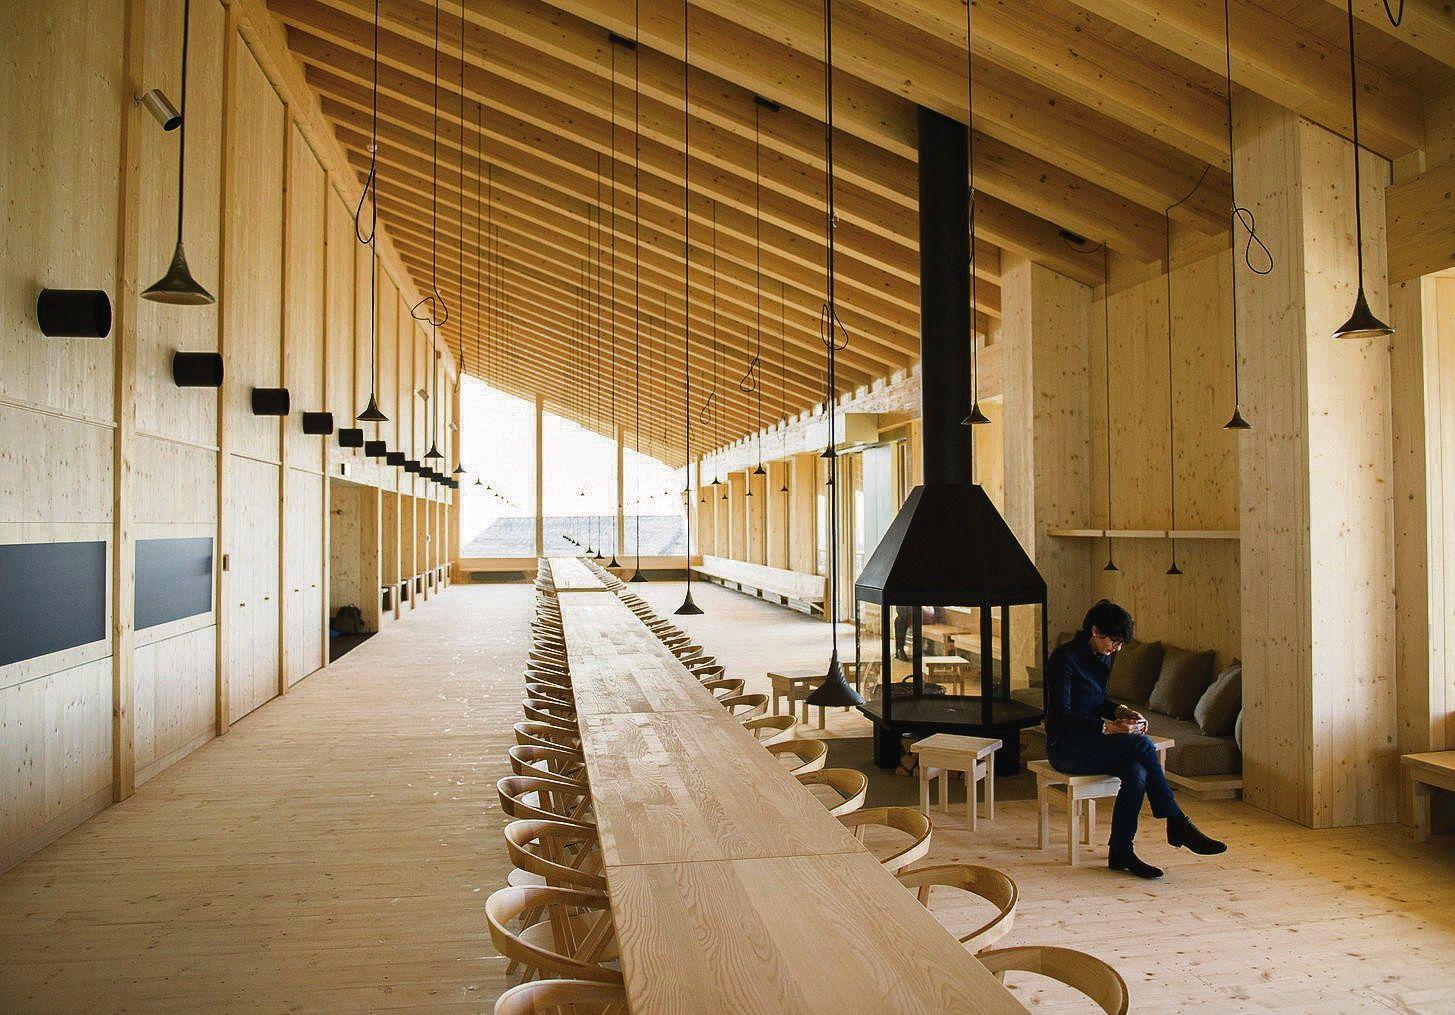 Cadeira dobrável de madeira maciça CHAIR B by BD Barcelona Design  #6A461A 1455x1015